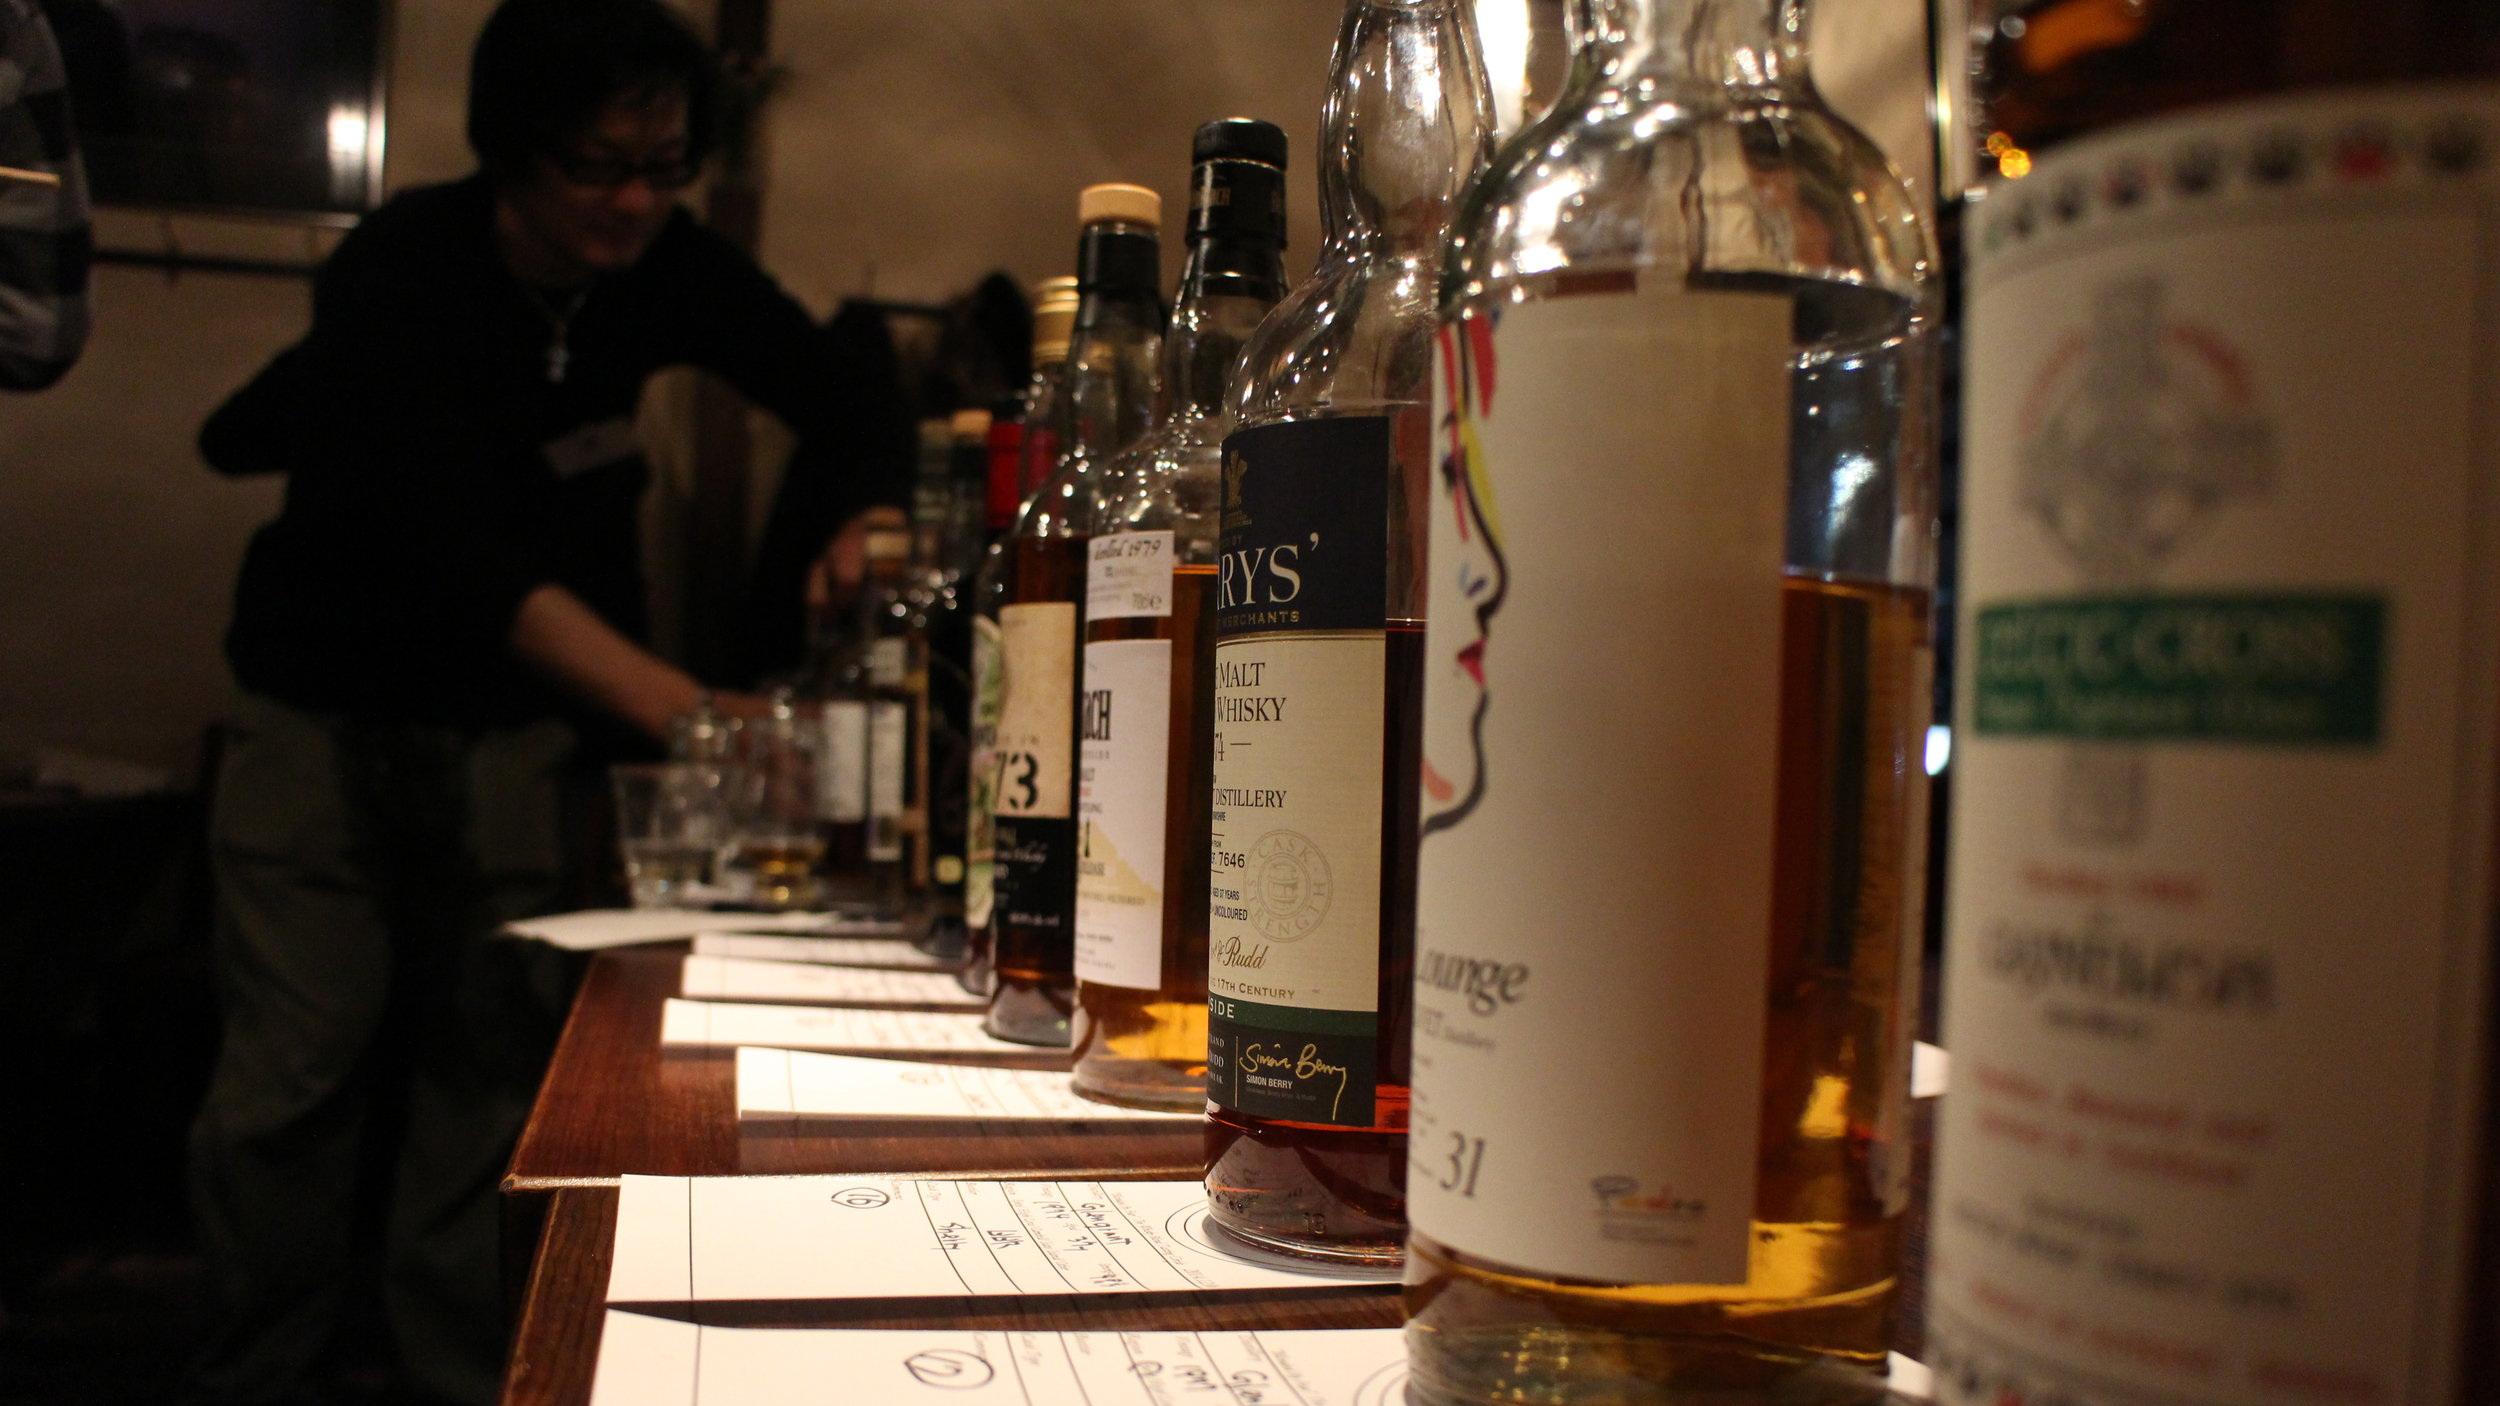 Bottles of Whisky for a tasting